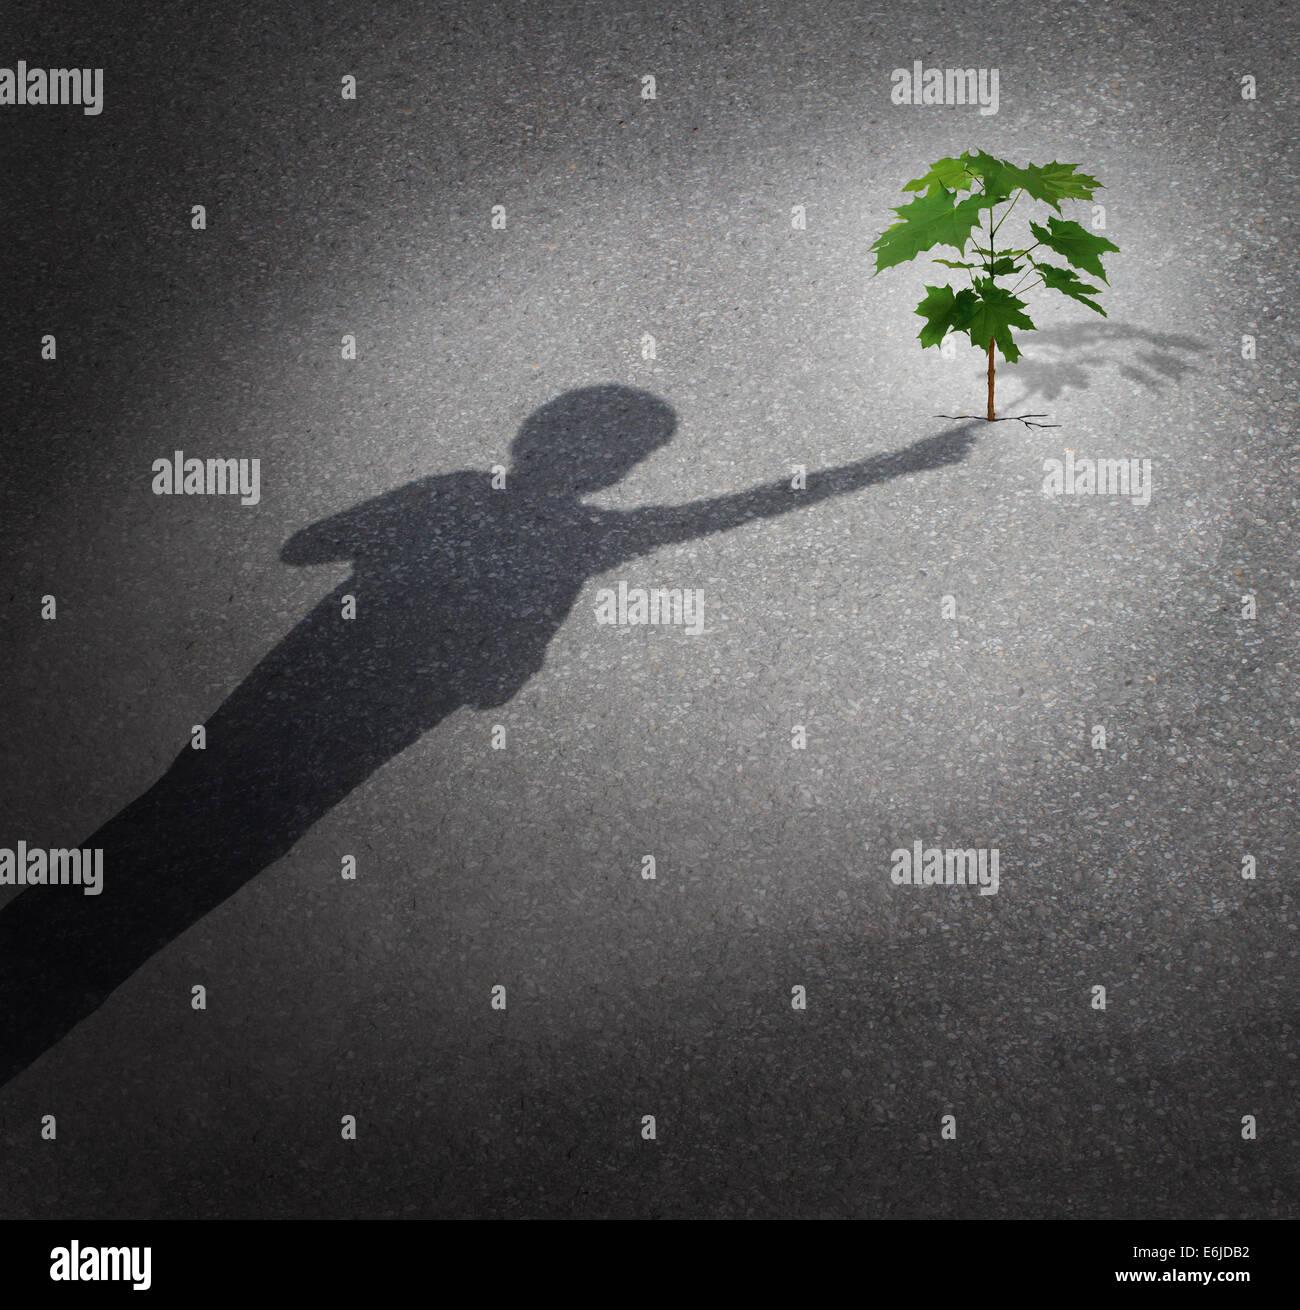 La vita e la speranza come un concetto di crescita con un'ombra di un bambino di toccare un albero alberello Immagini Stock